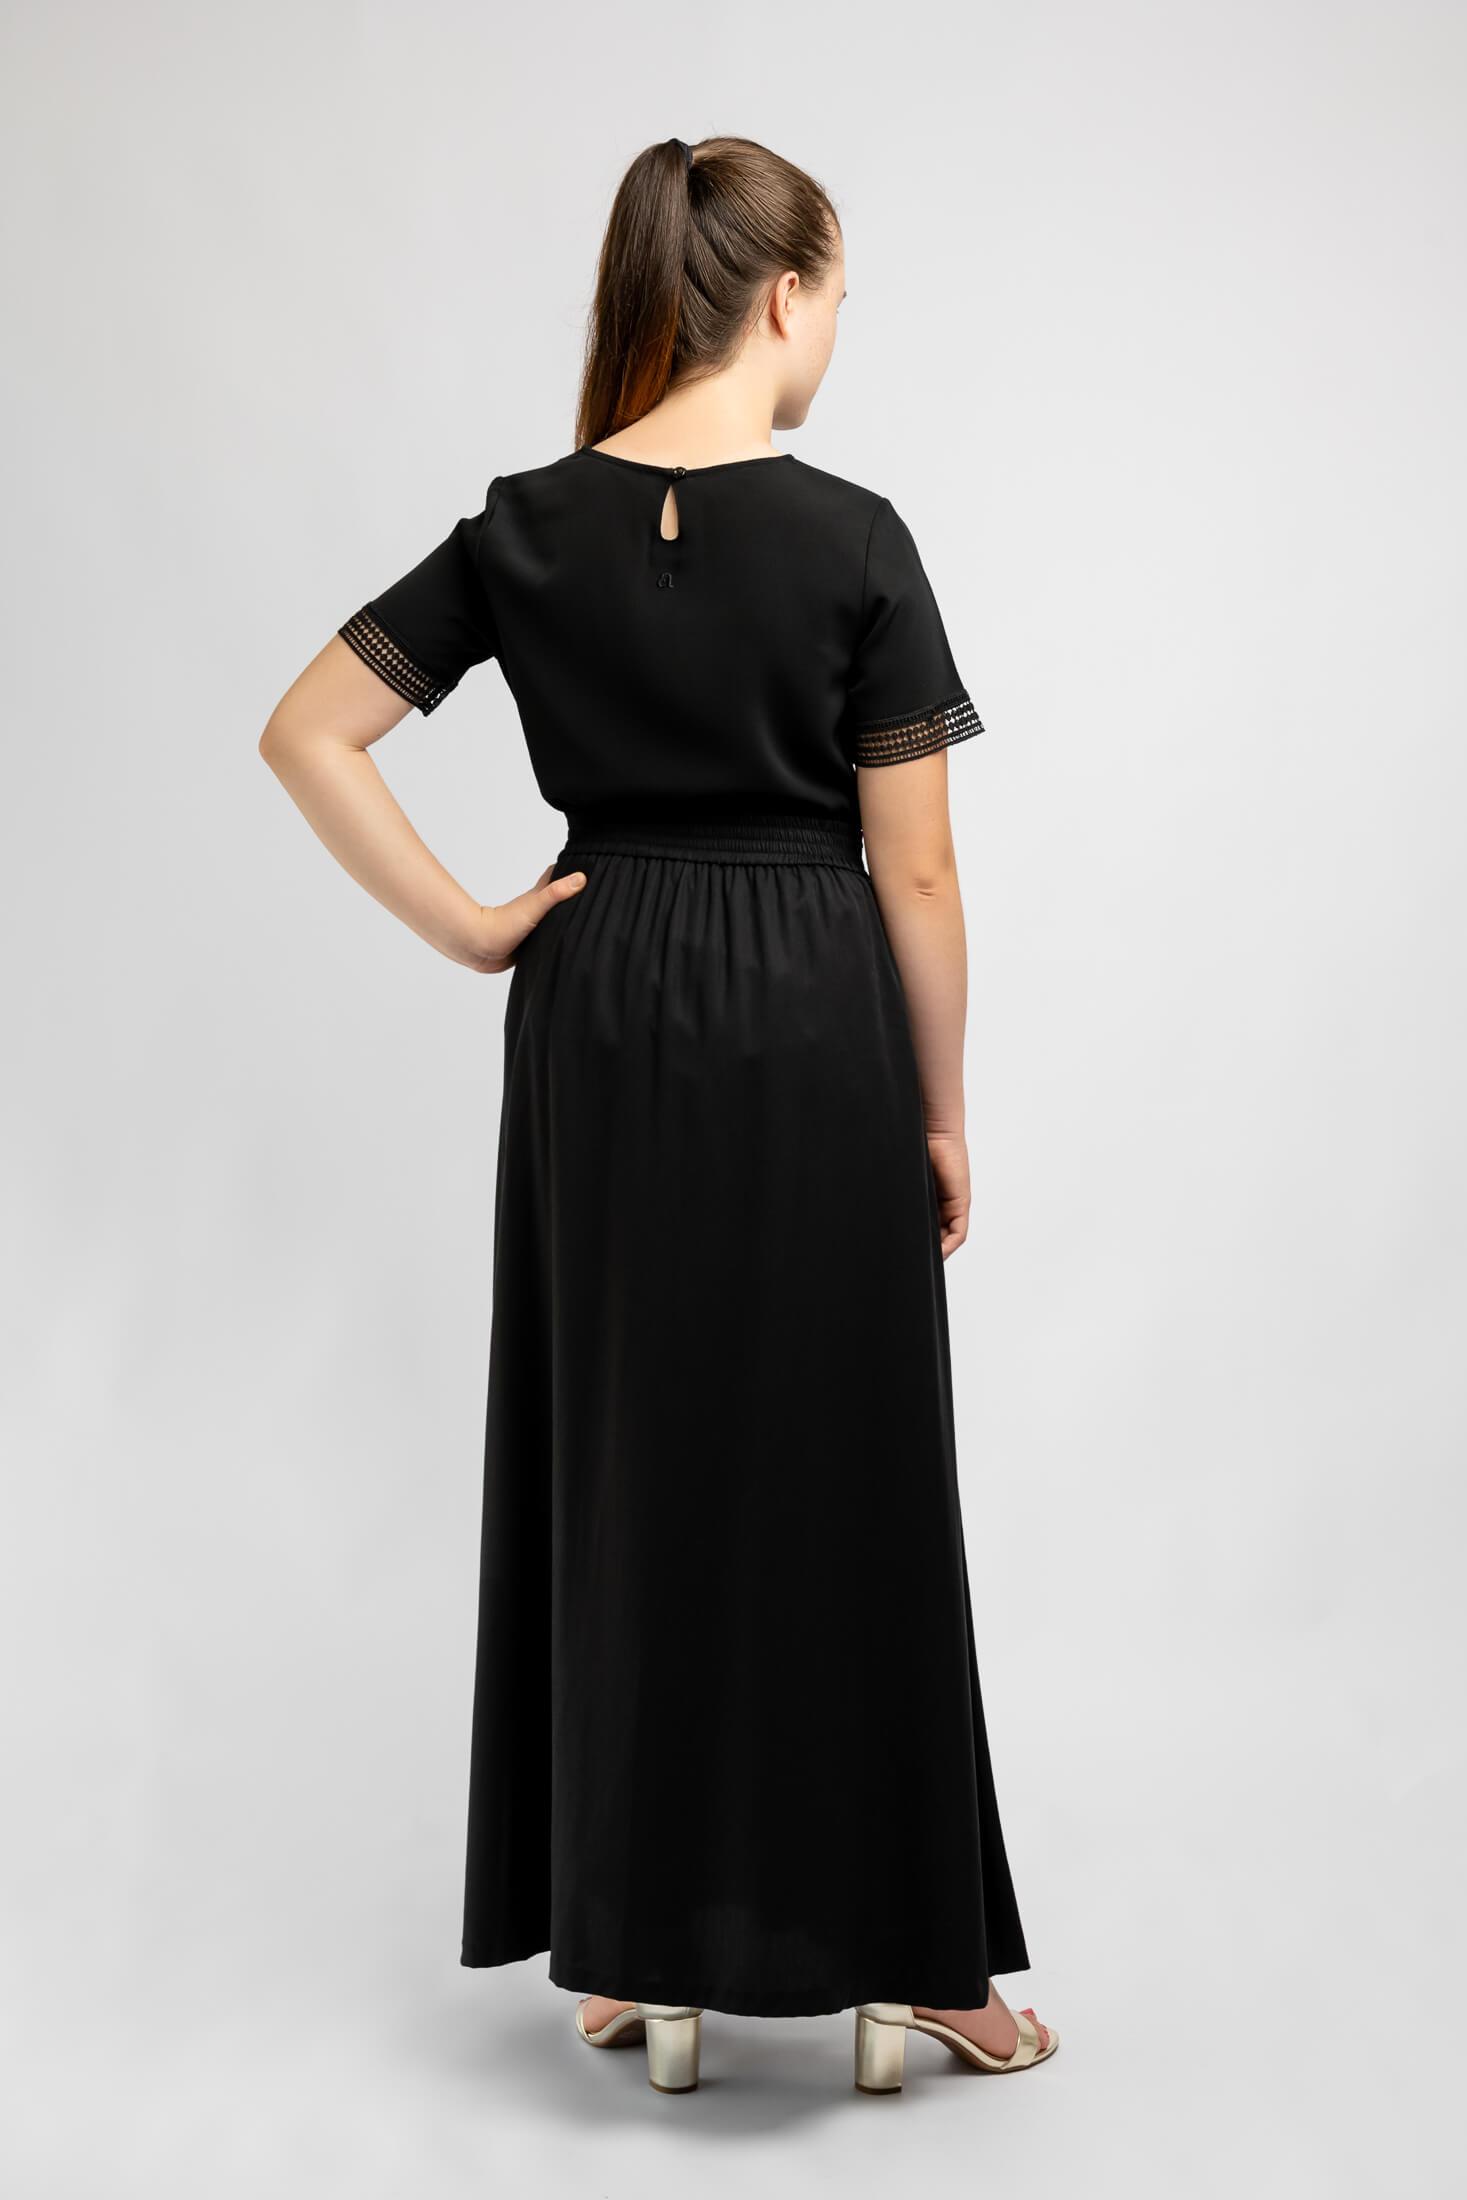 long-black-ankle-length-skirt-for-girls-back